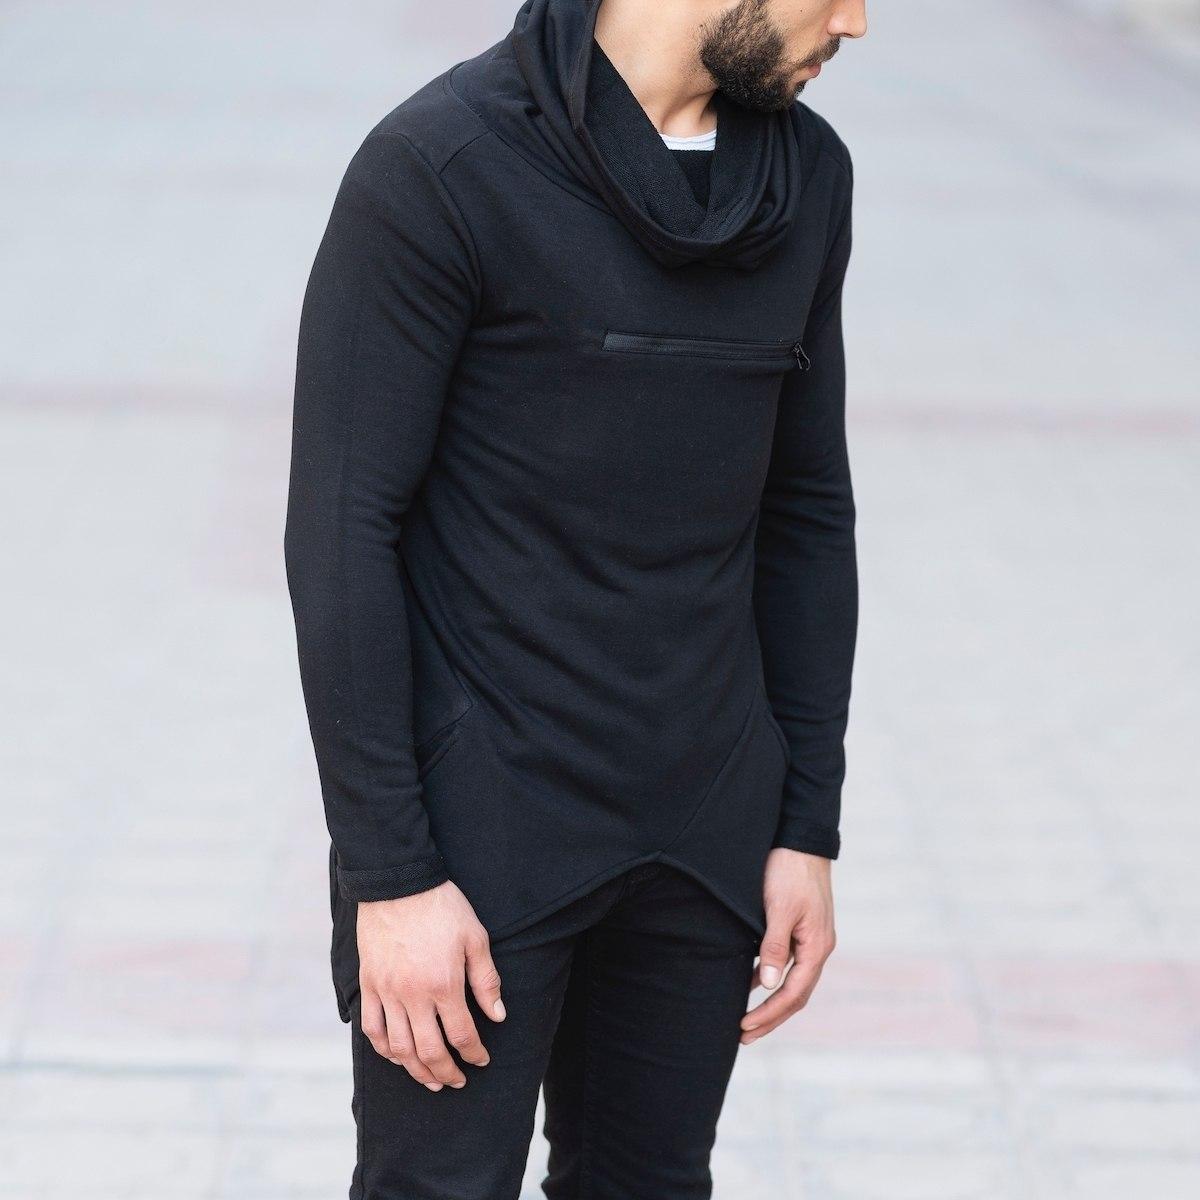 Long Neck Sweatshirt with Zip in Black Mv Premium Brand - 3